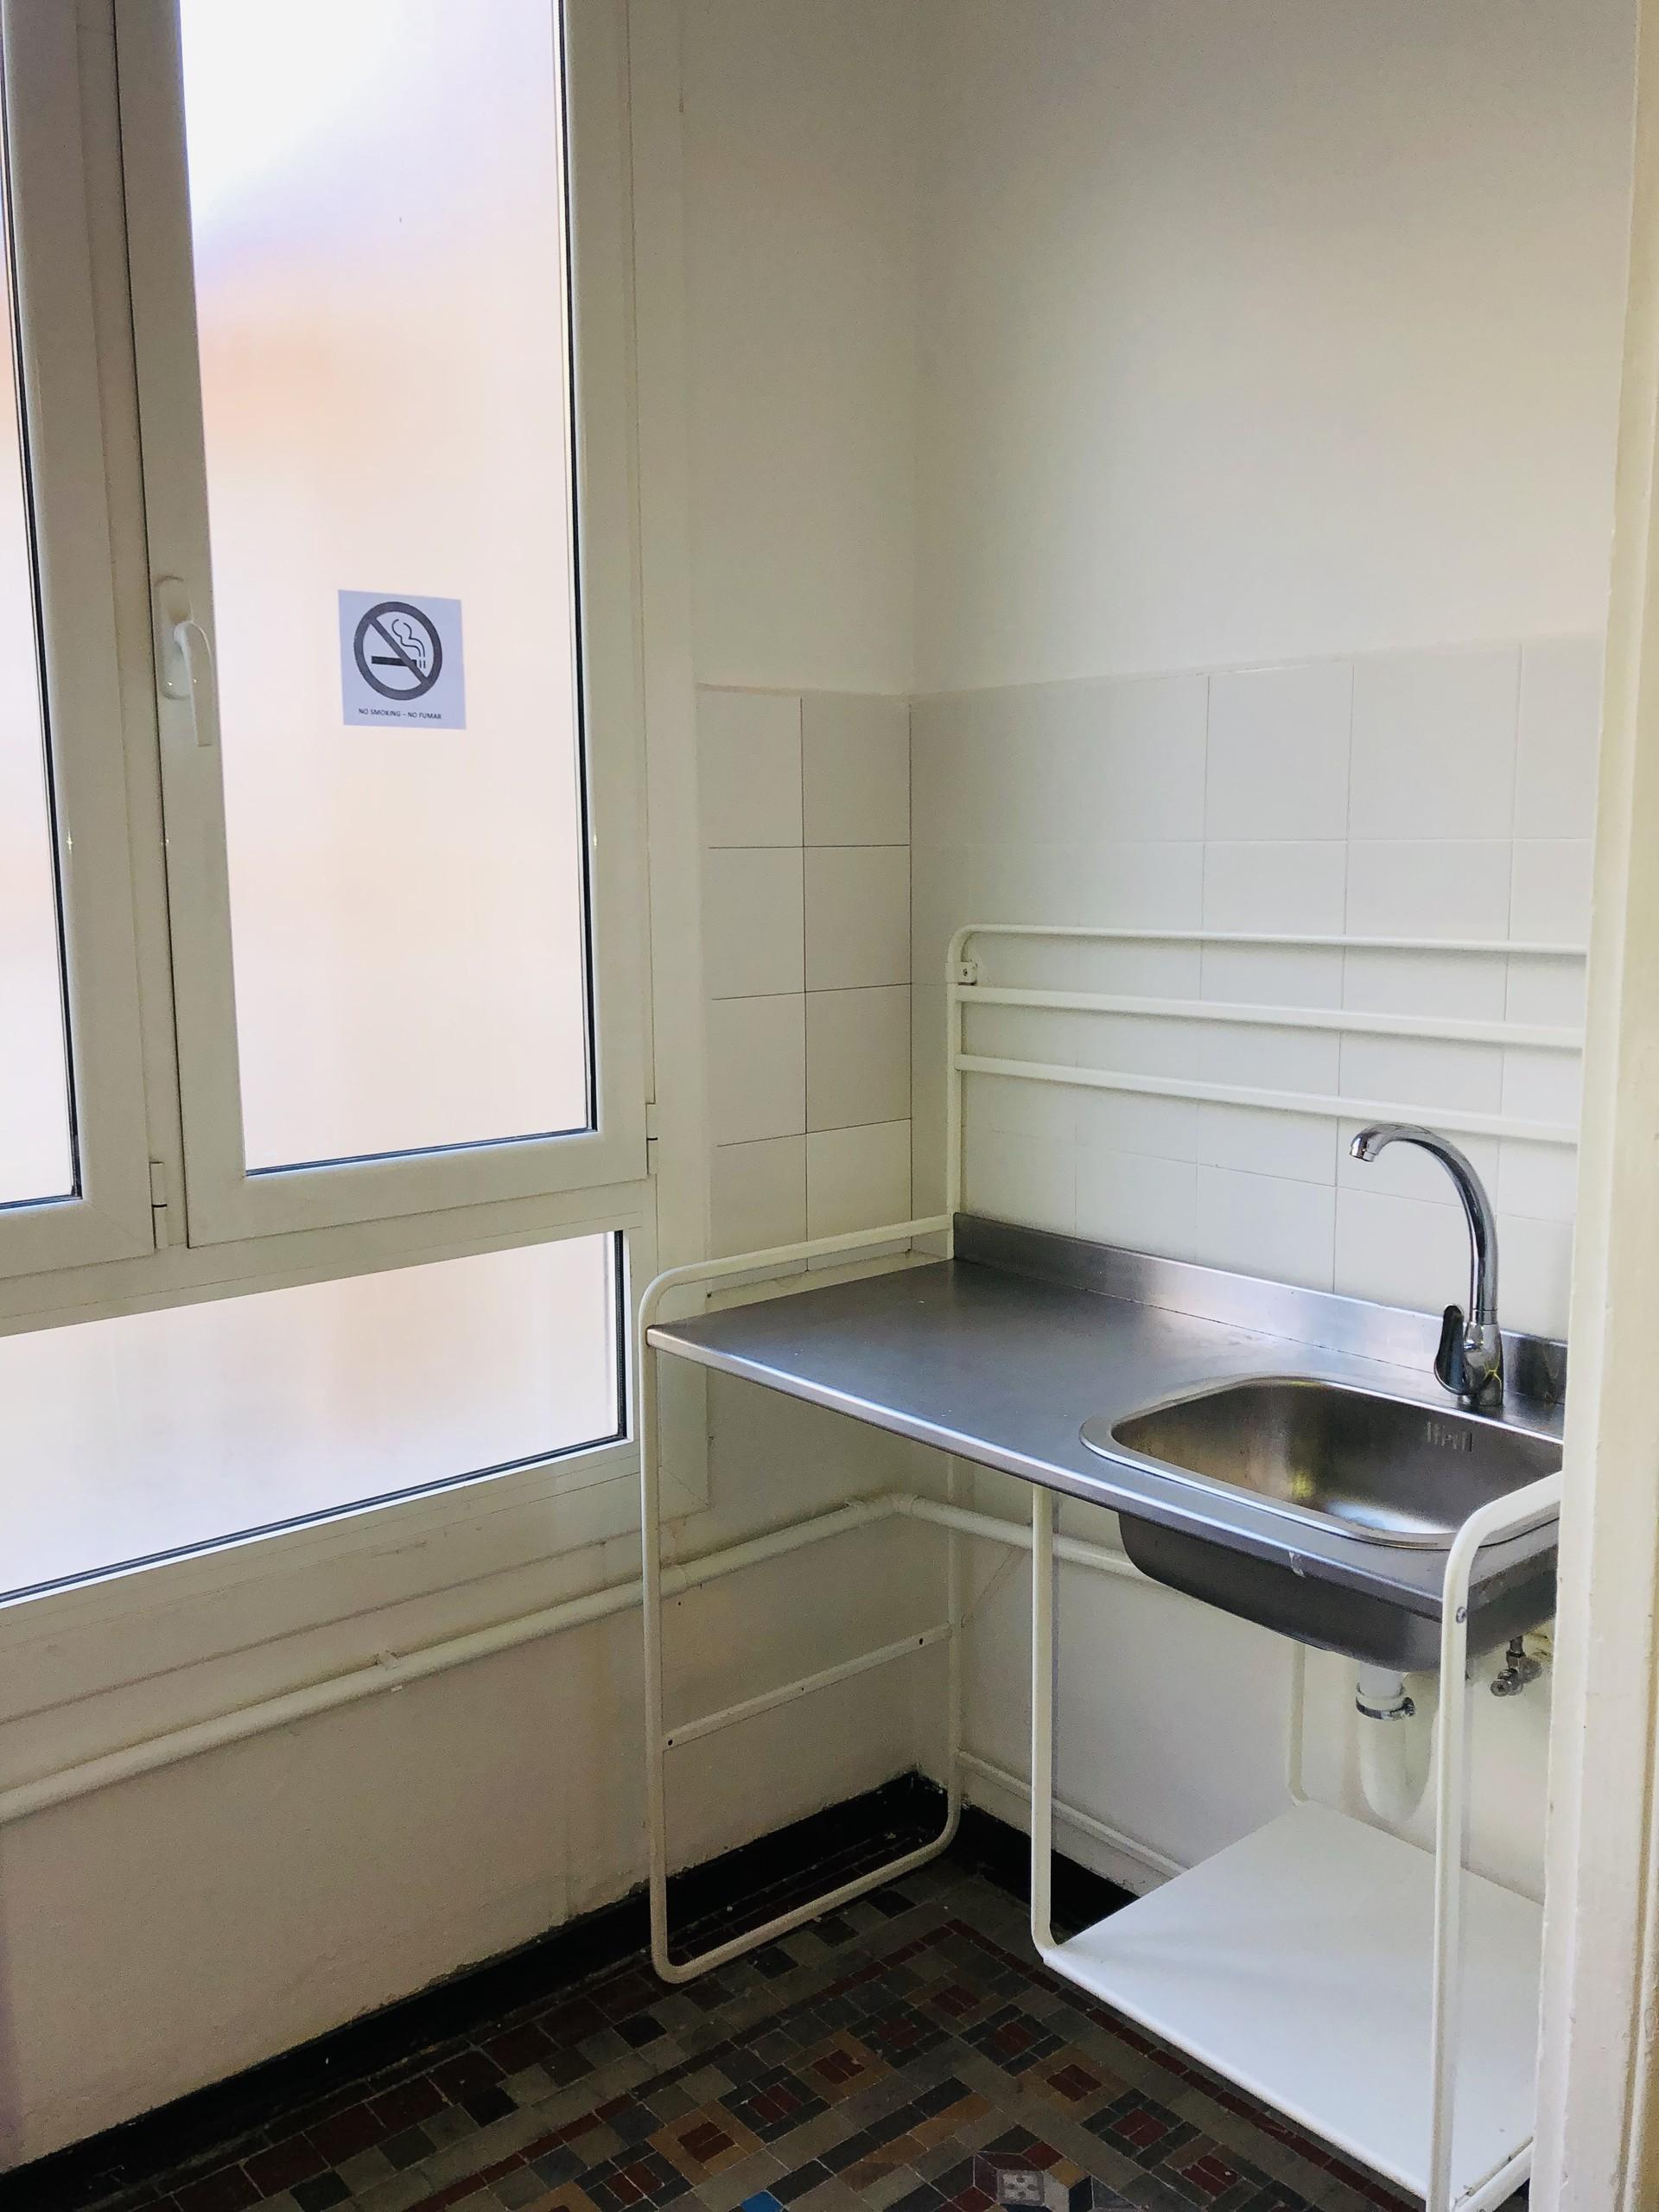 Habitación con baño incluidoen el centro de barcelona. Dispones